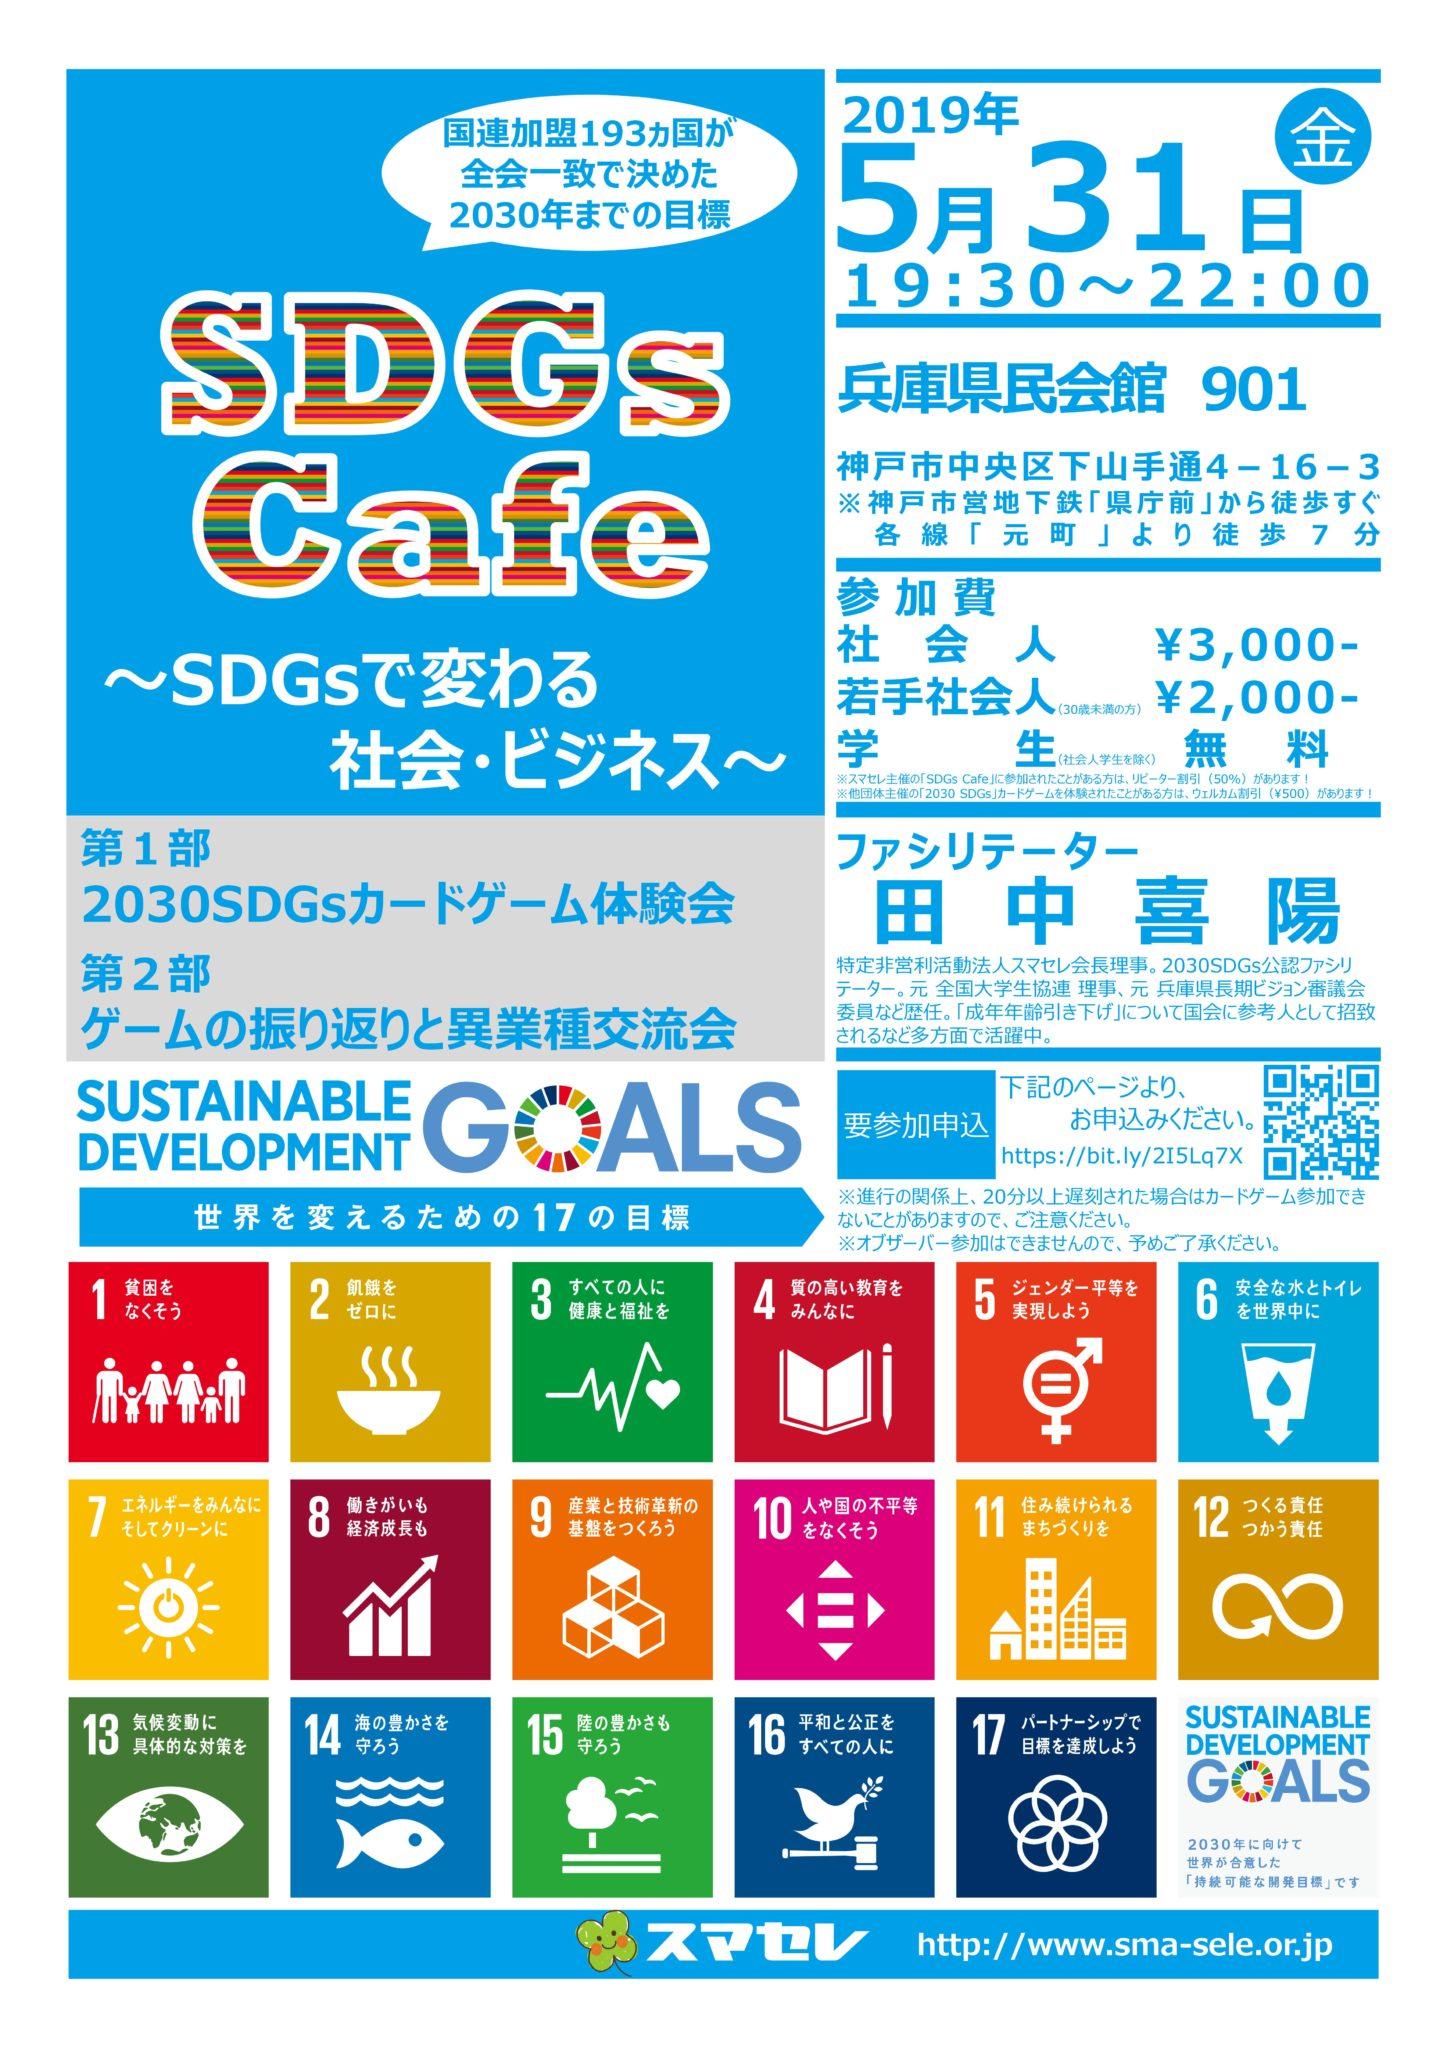 2019/5/31「SDGs Cafe」